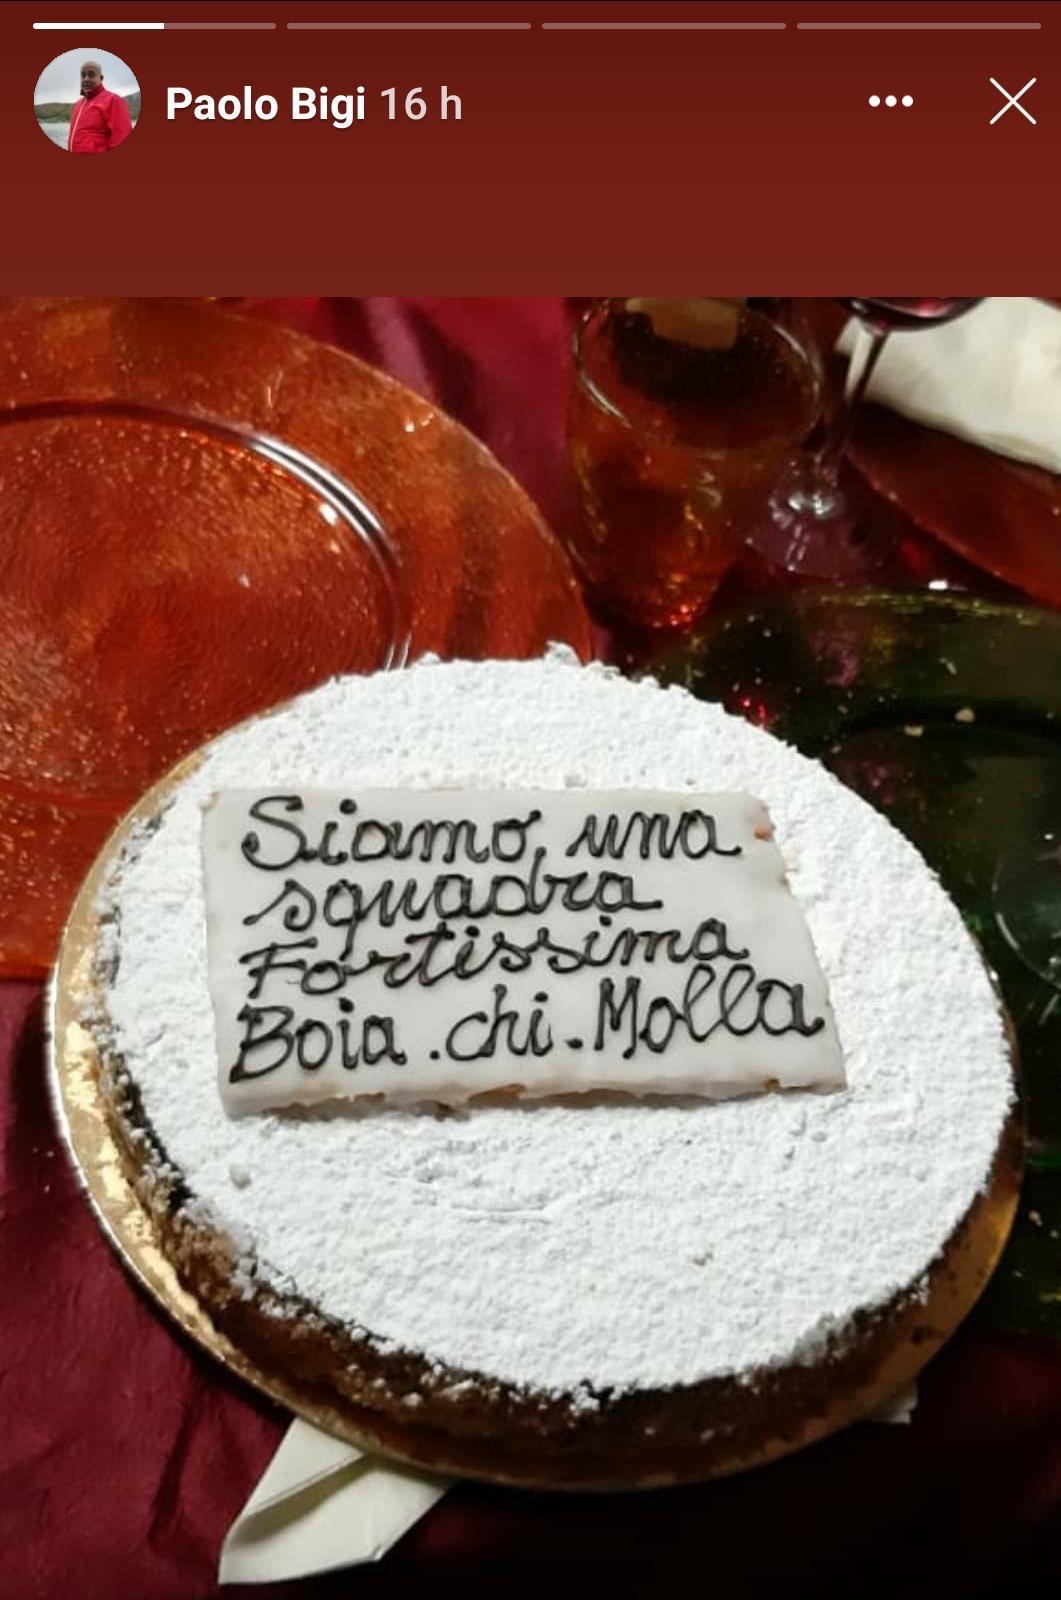 """""""Boia chi molla"""" sulla torta di un consigliere della Lega, Progetto Pietrasanta 2023: """"Il fascismo è reato"""""""